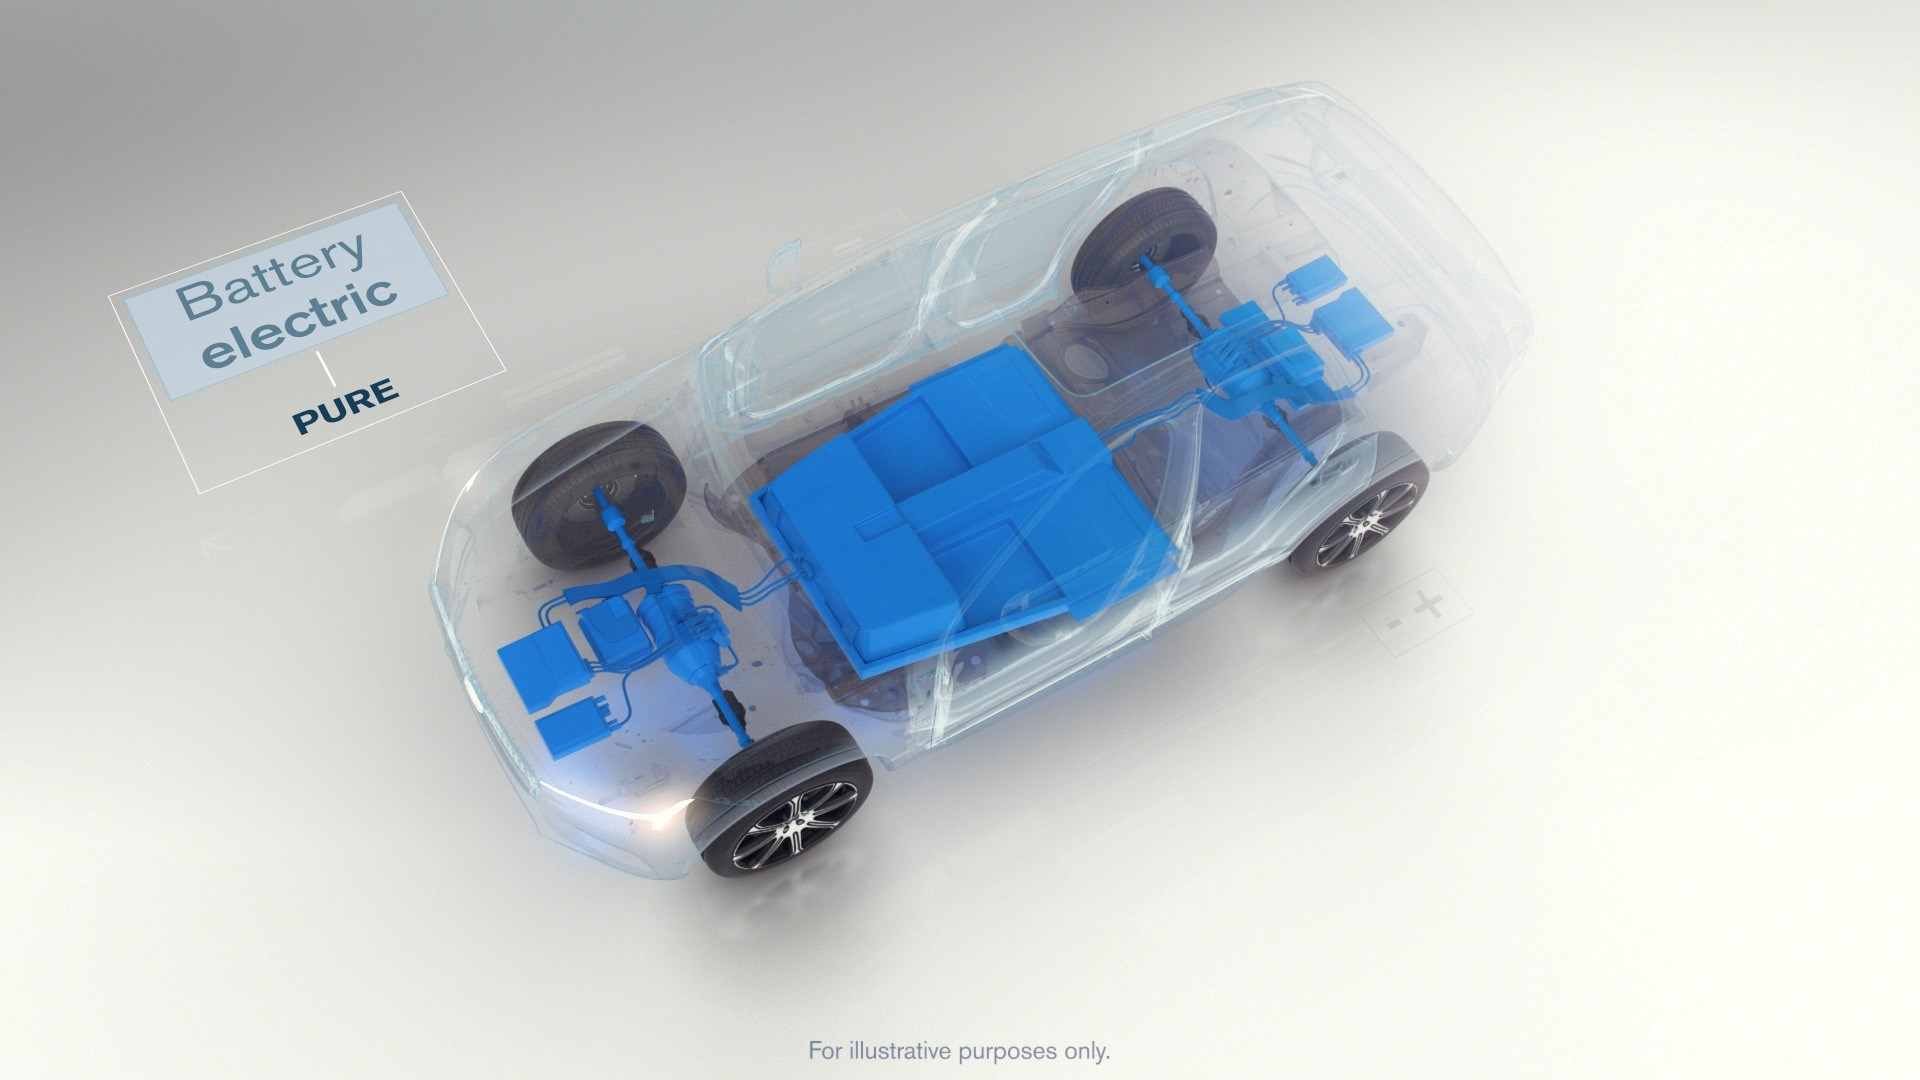 沃尔沃汽车获选《财富》年度改变世界企业 全面电气化战略引领产业变革